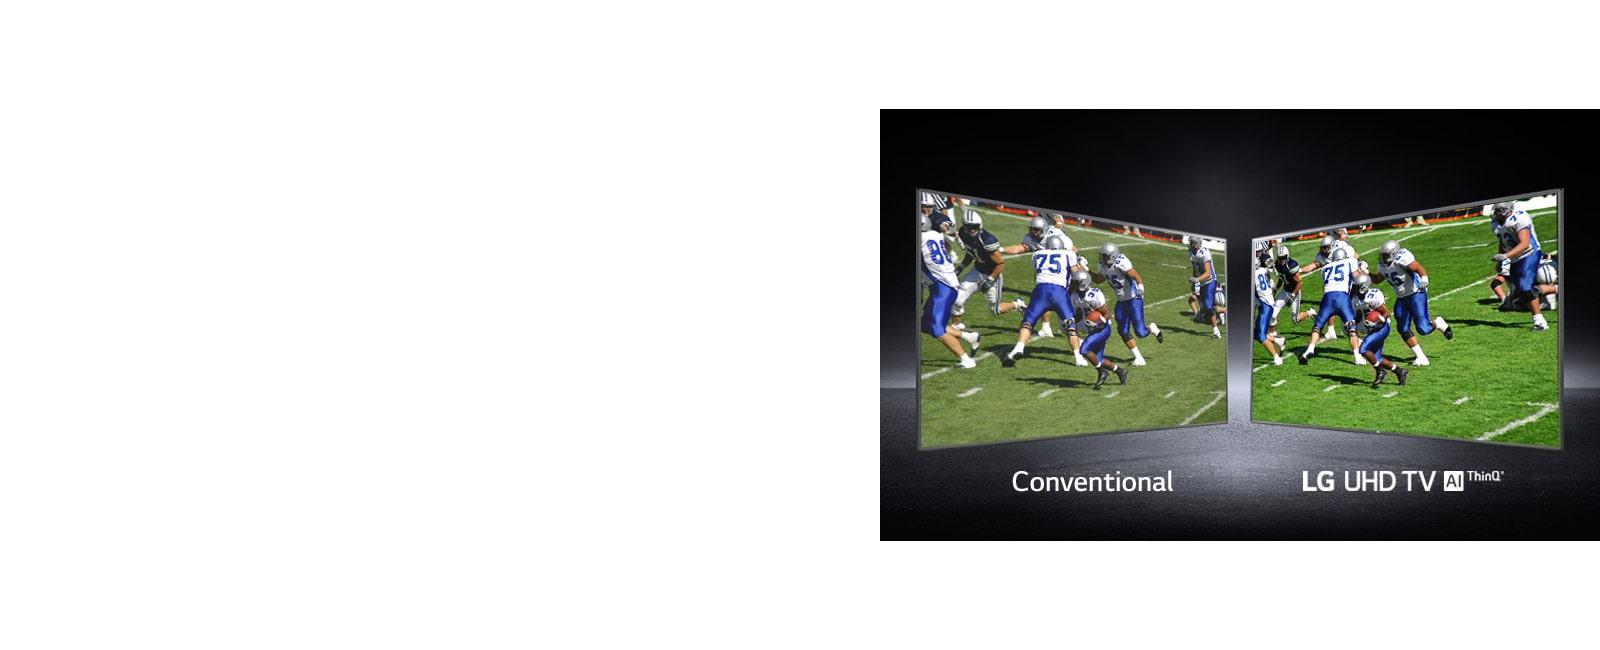 Une photo de joueurs jouant sur un terrain de football montré à des vues. Un montré sur un écran conventionnel et un sur un téléviseur UHD.